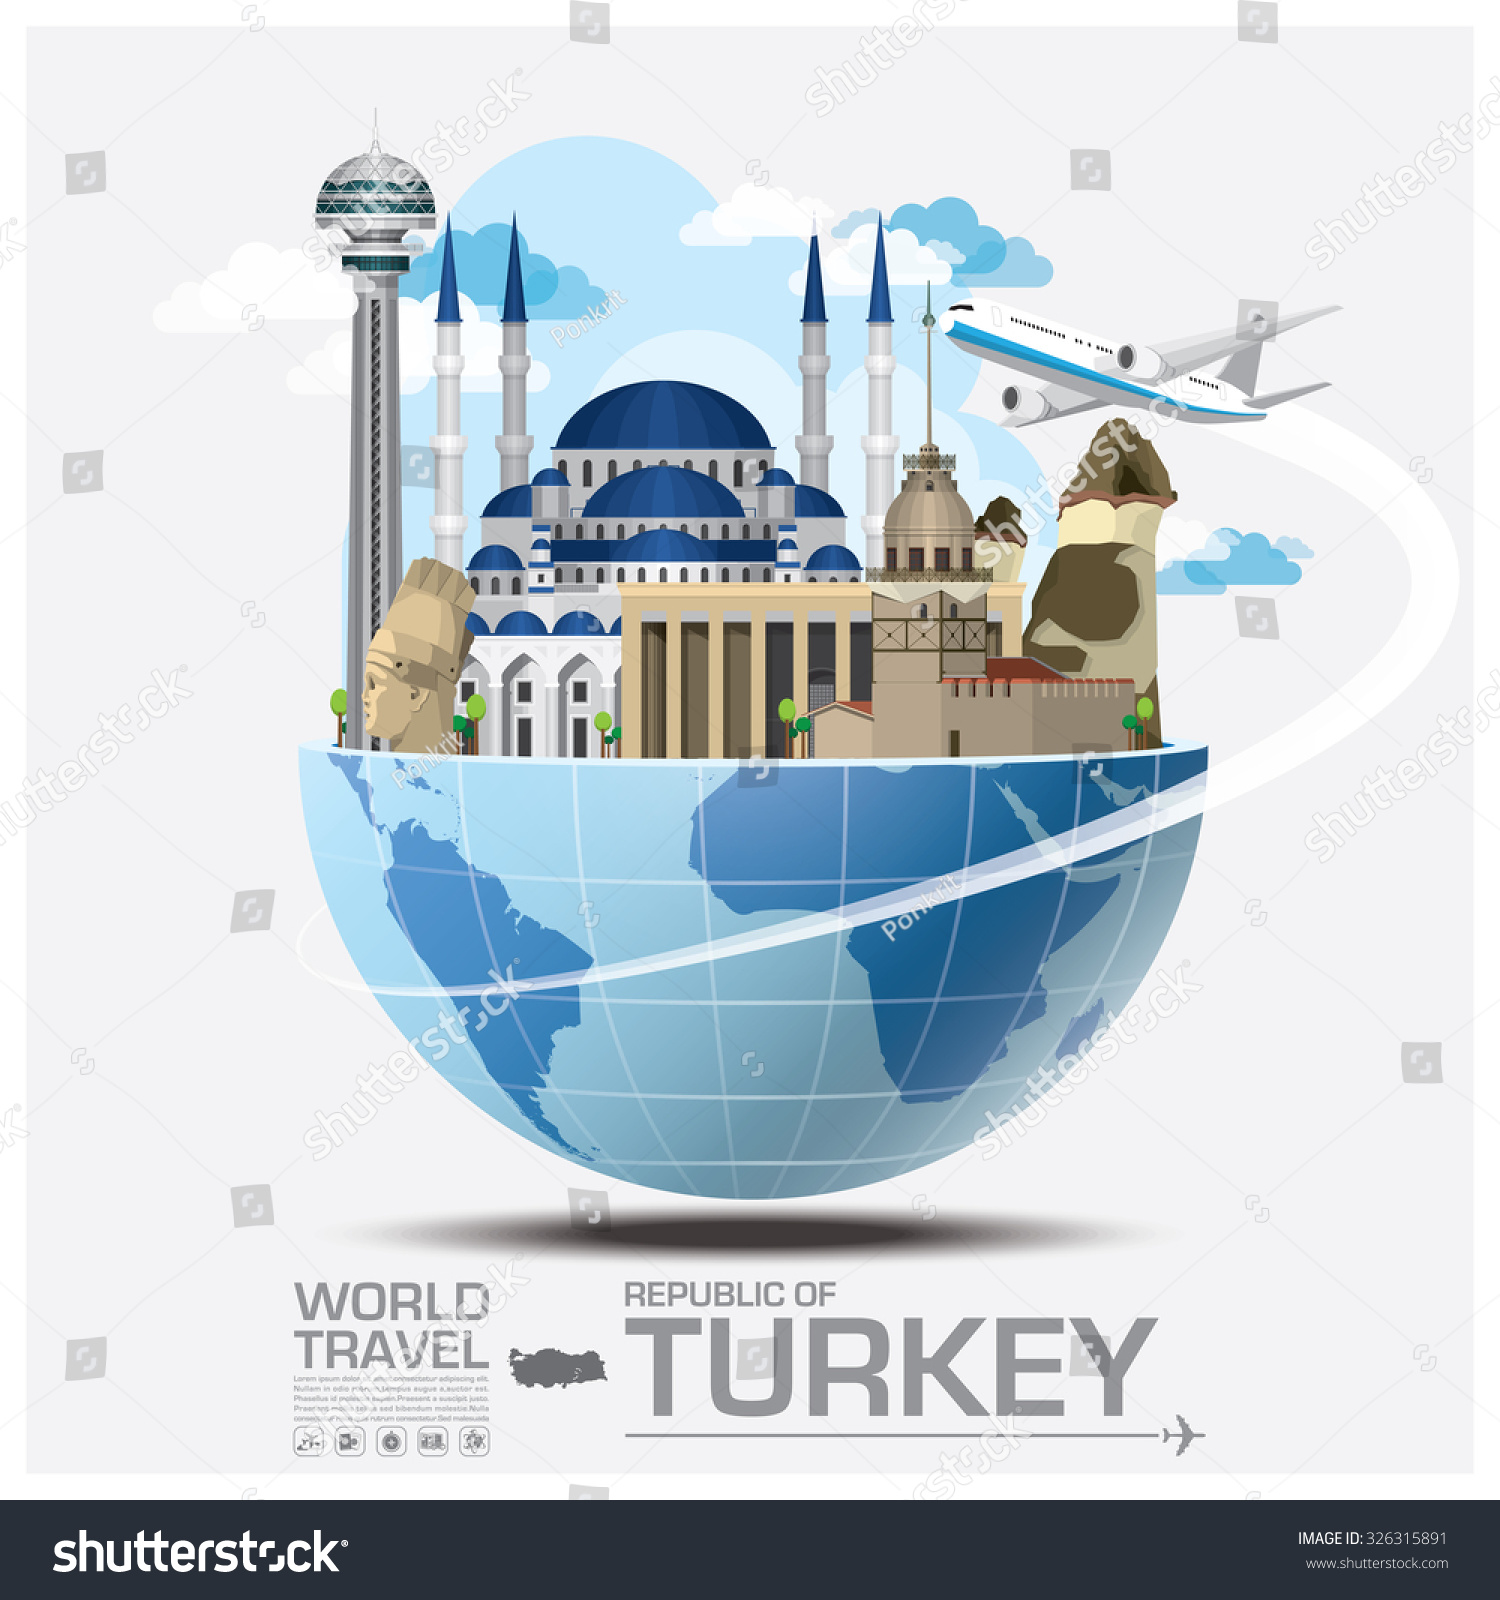 Turkey landmark global travel journey infographic stock for Landmark design